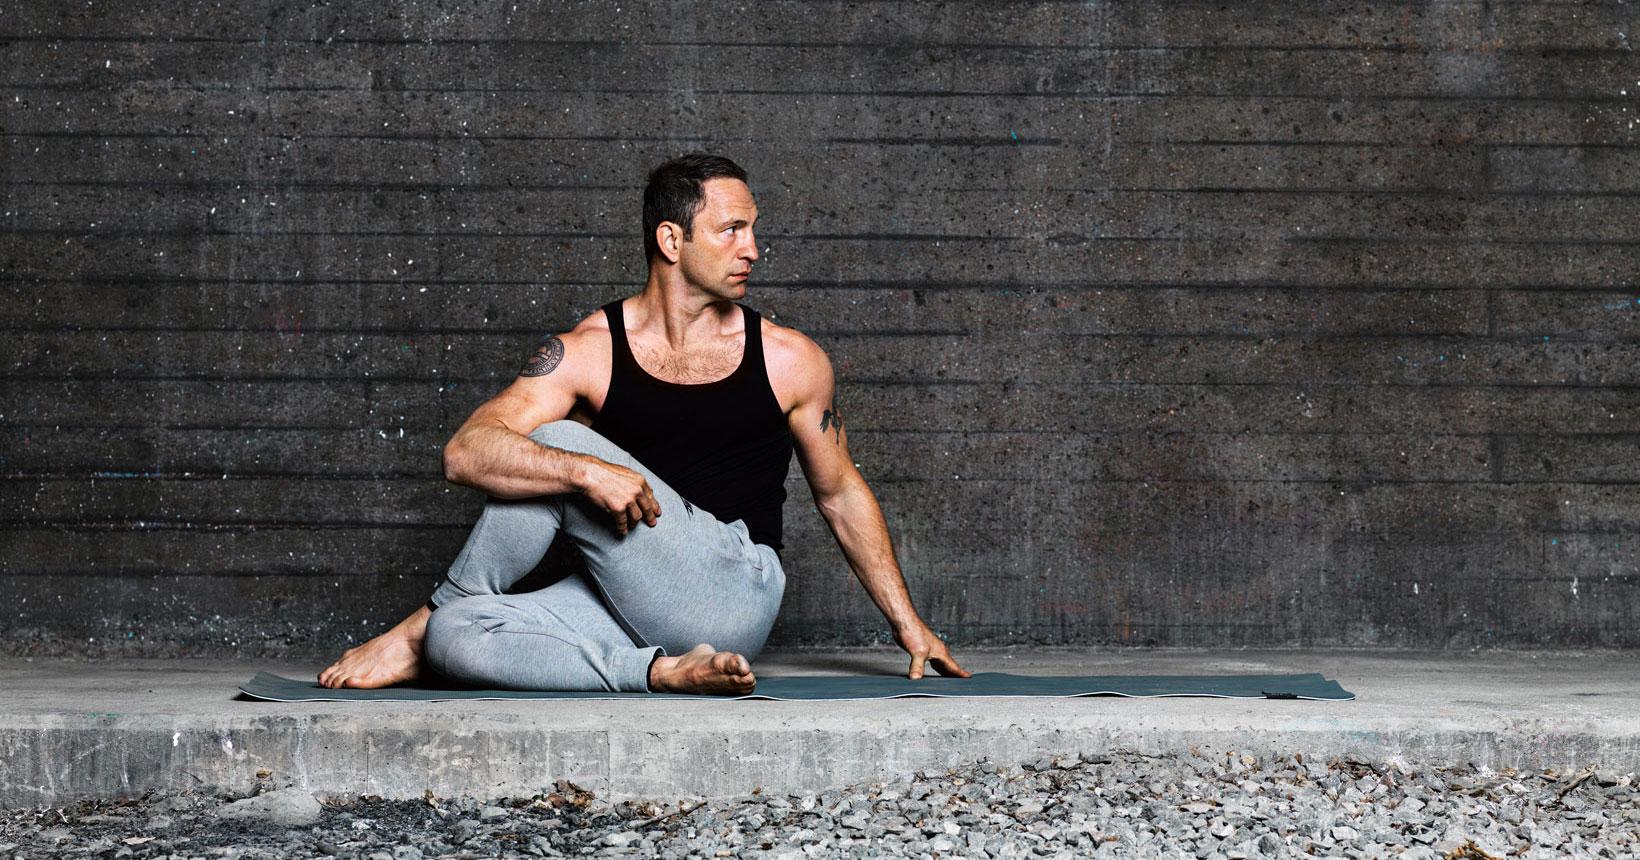 2. Sittande ryggradsvridning höger/vänster